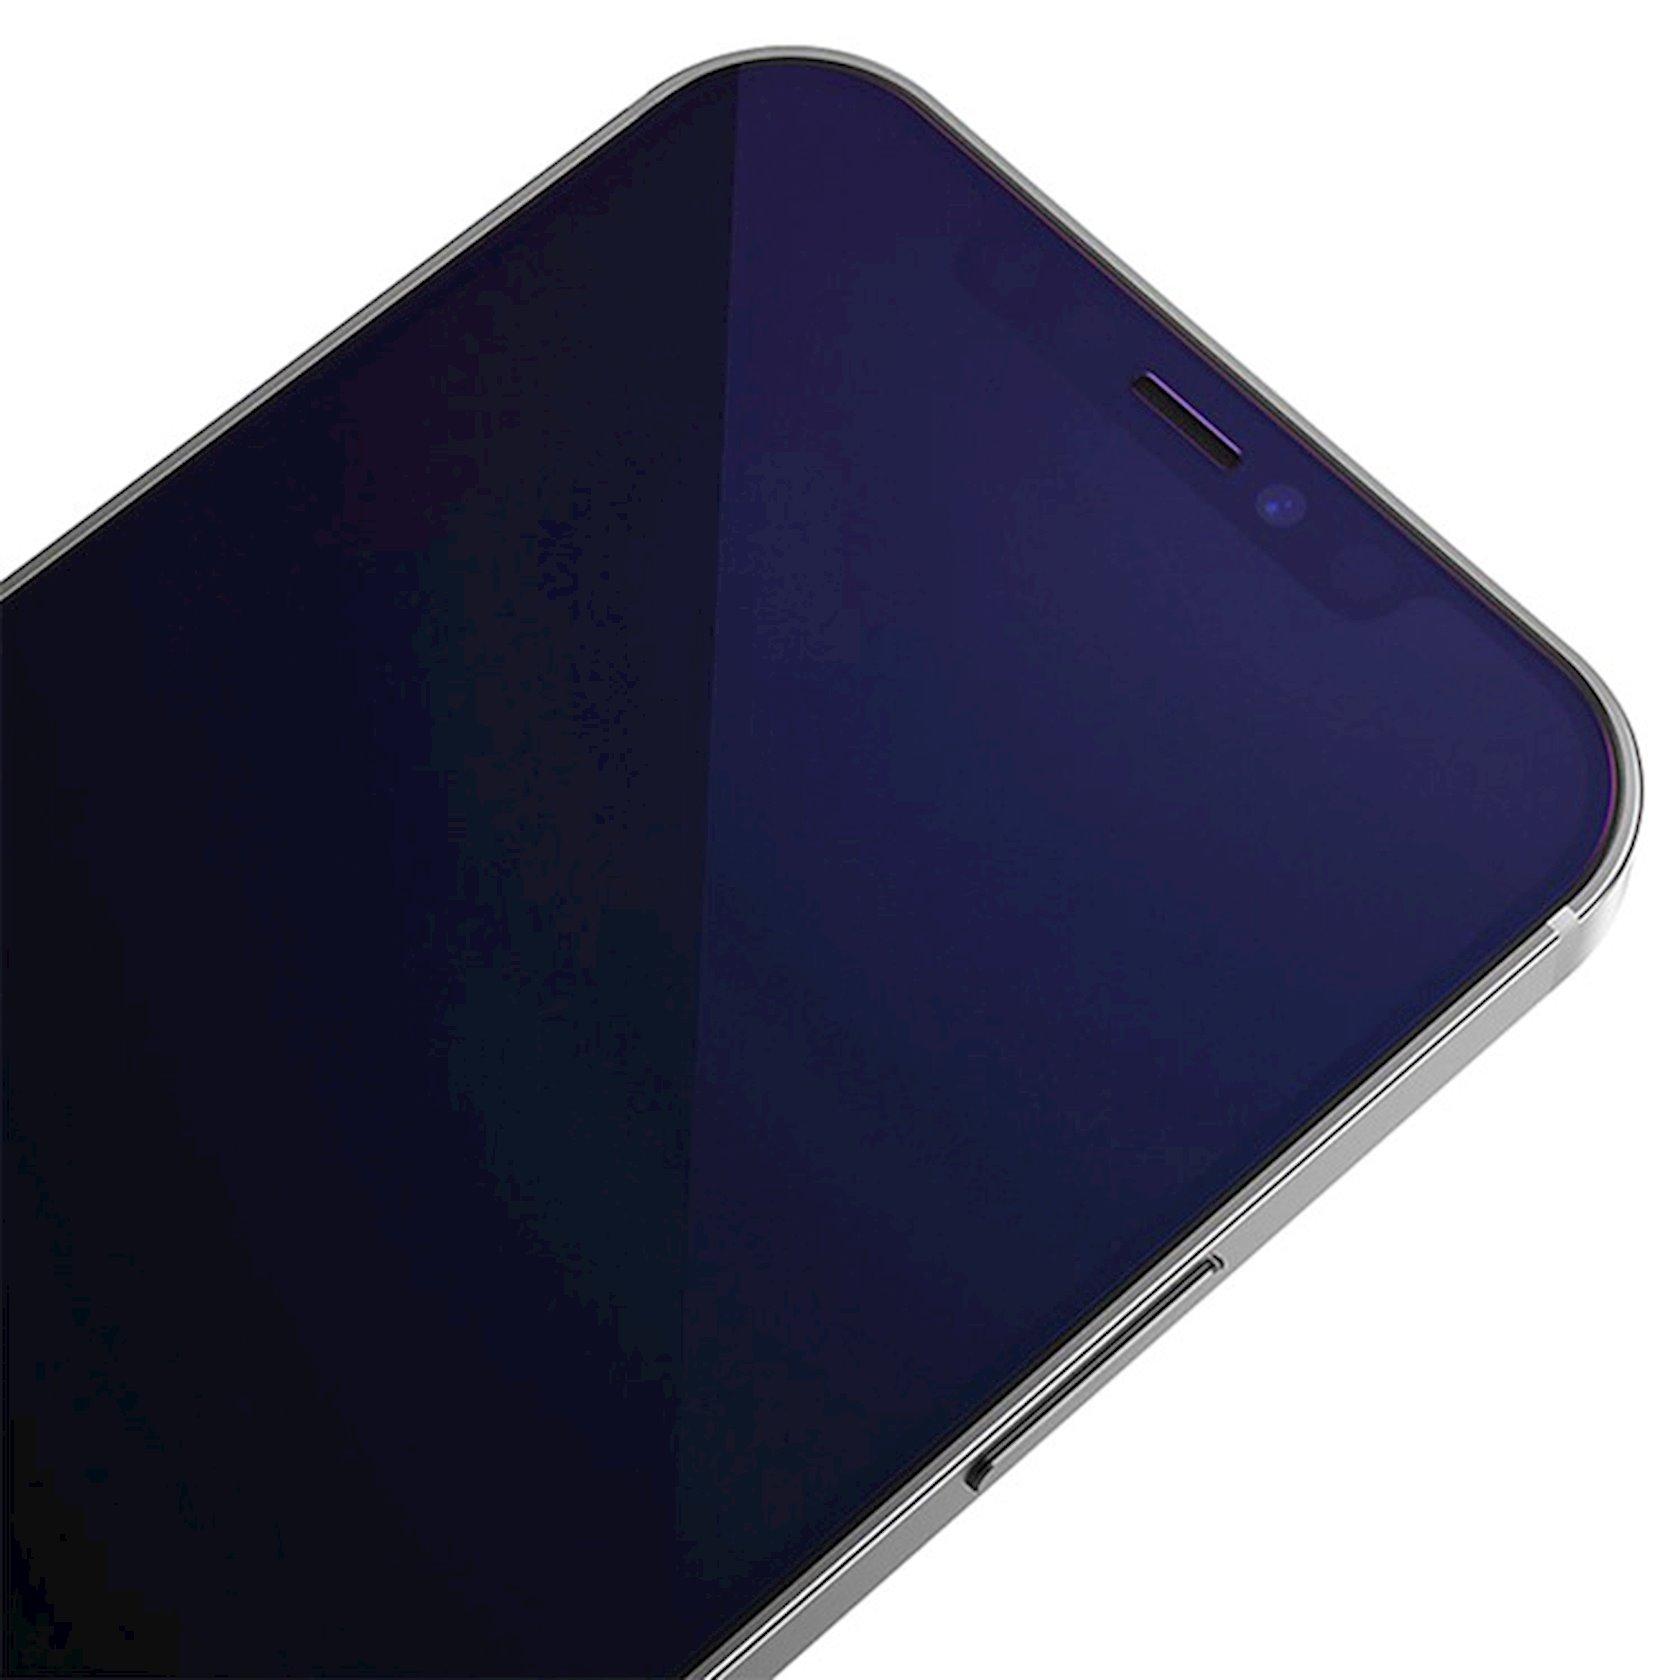 Qoruyucu şüşə Blueo Anti-blue Full Cover Apple iPhone 12 mini üçün